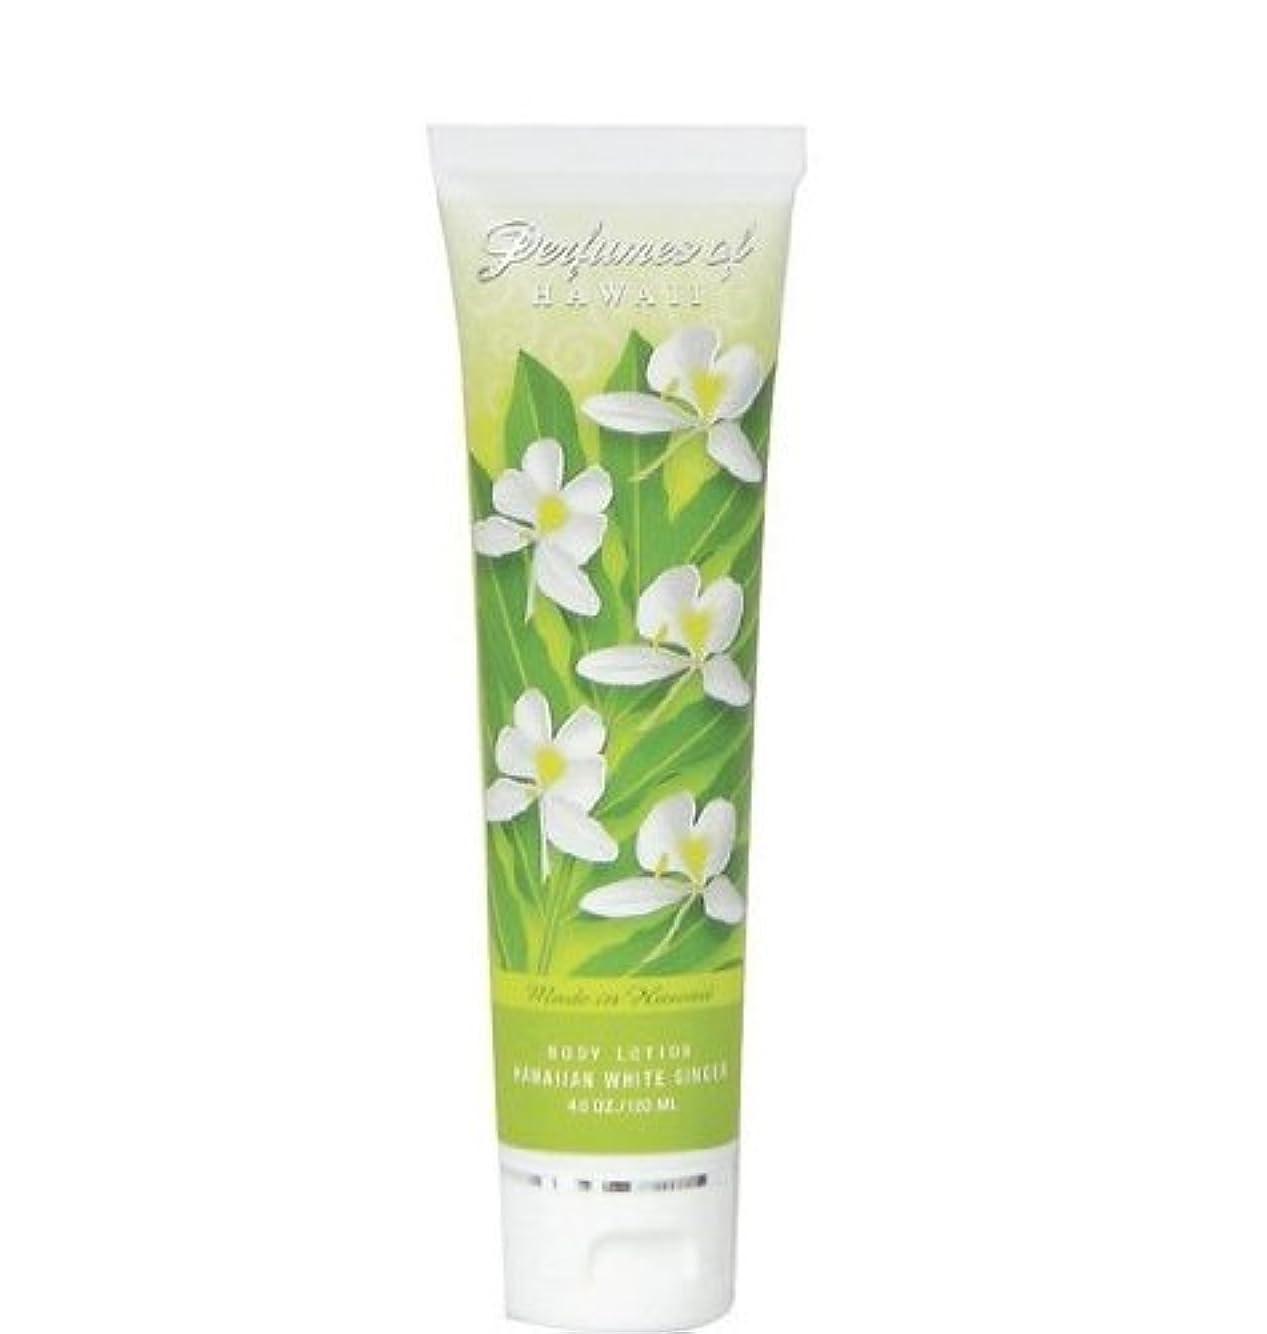 平均アスペクトほこりっぽい【2本セット】ハワイ】ホワイトジンジャーボディーローション Hawaiian White Ginger Body Lotion - 4.0 Oz - Perfumes of Hawaii 海外直送品